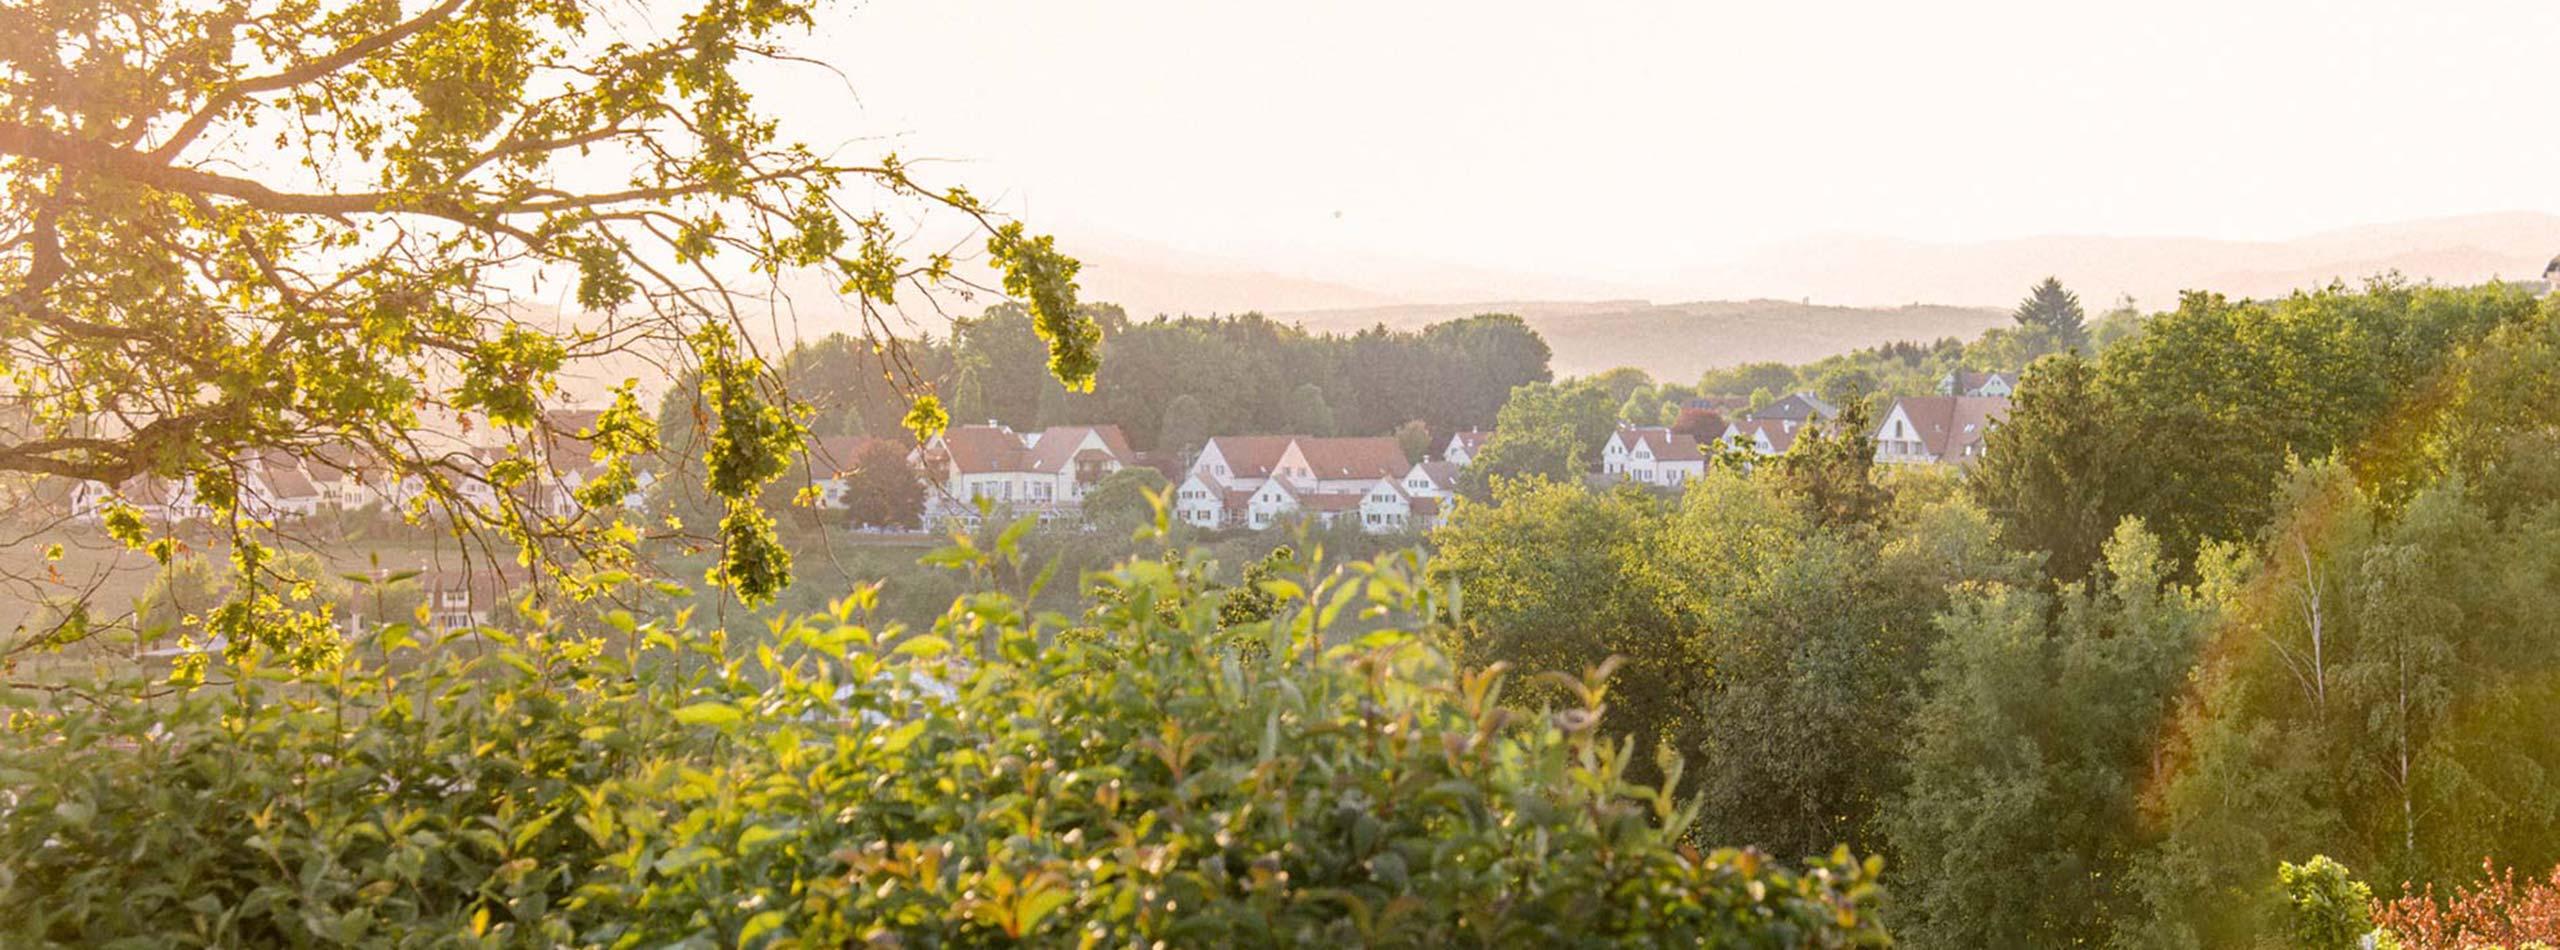 Vielfalt erleben im Steiermark Urlaub in Bad Waltersdorf